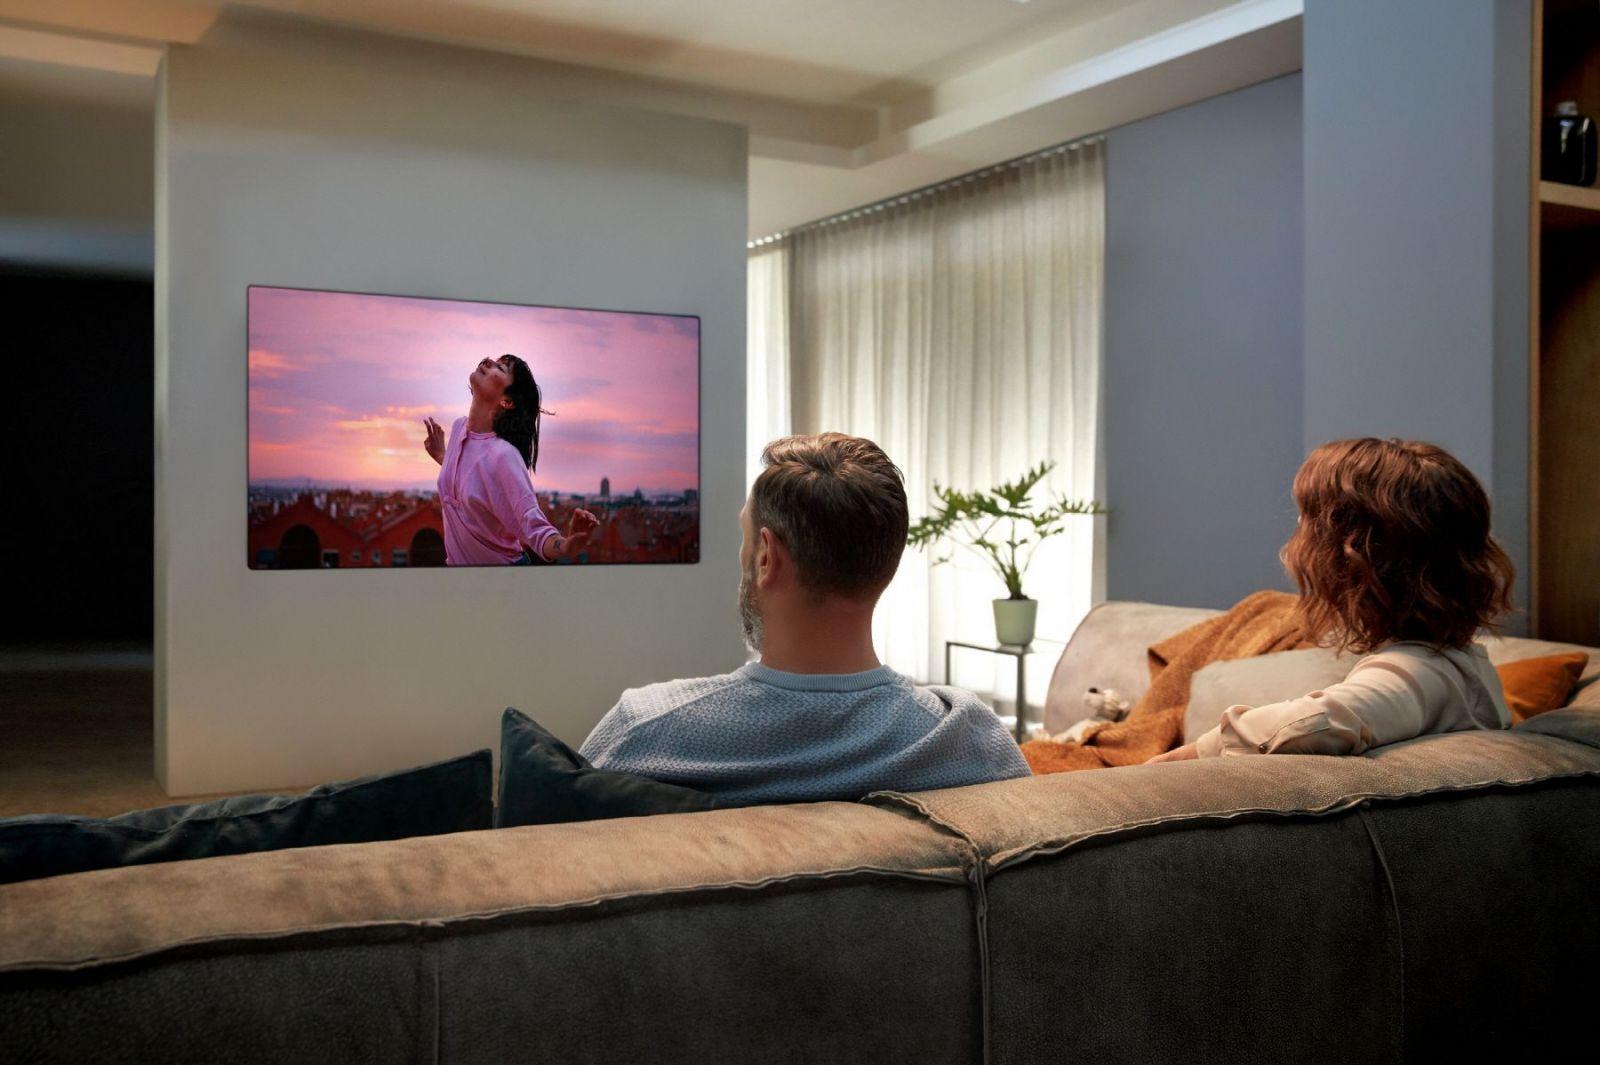 LG ODHAĽUJE NOVÉ TELEVÍZORY PRE ROK 2020 NA ČELE S OCEŇOVANÝMI OLED MODELMI